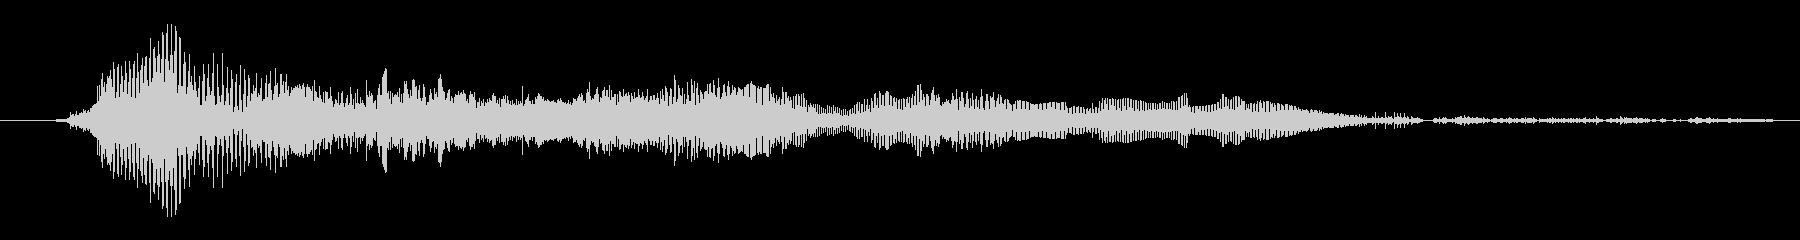 モンスター デススクリームハイ07の未再生の波形